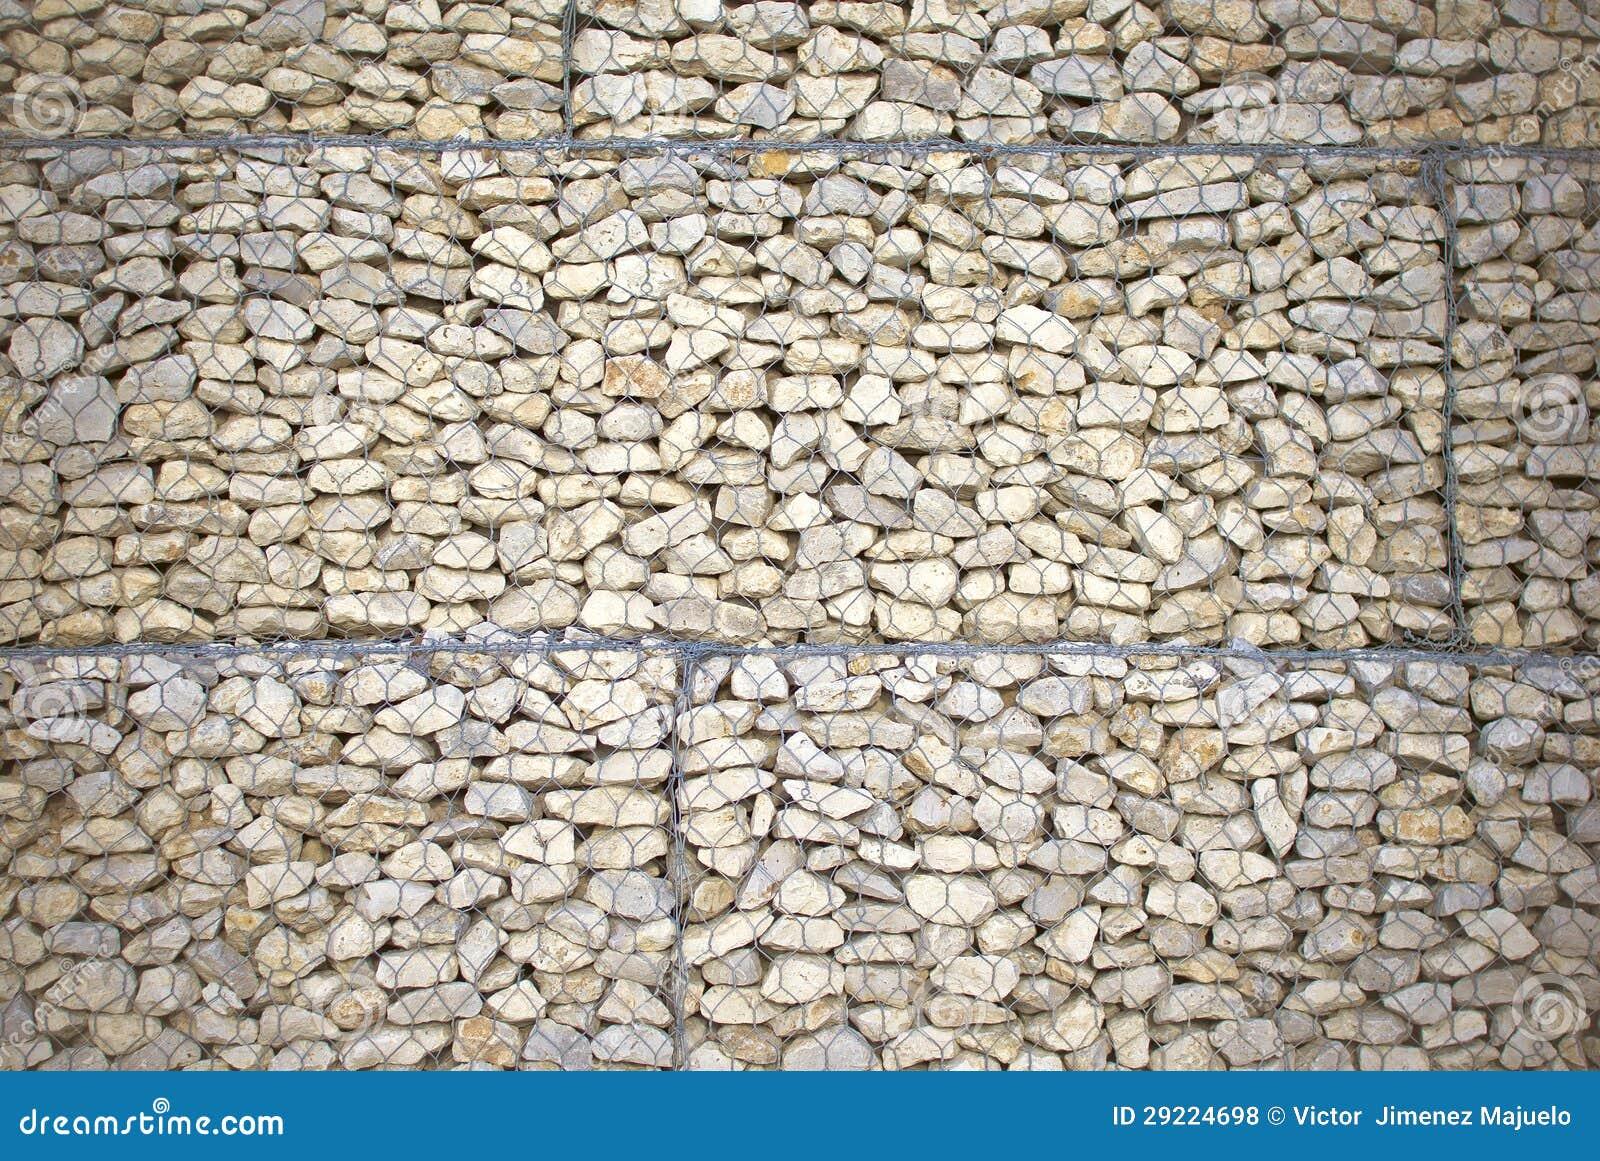 Mur de pierre exterieur en grillage images for Grillage jardin avec pierre